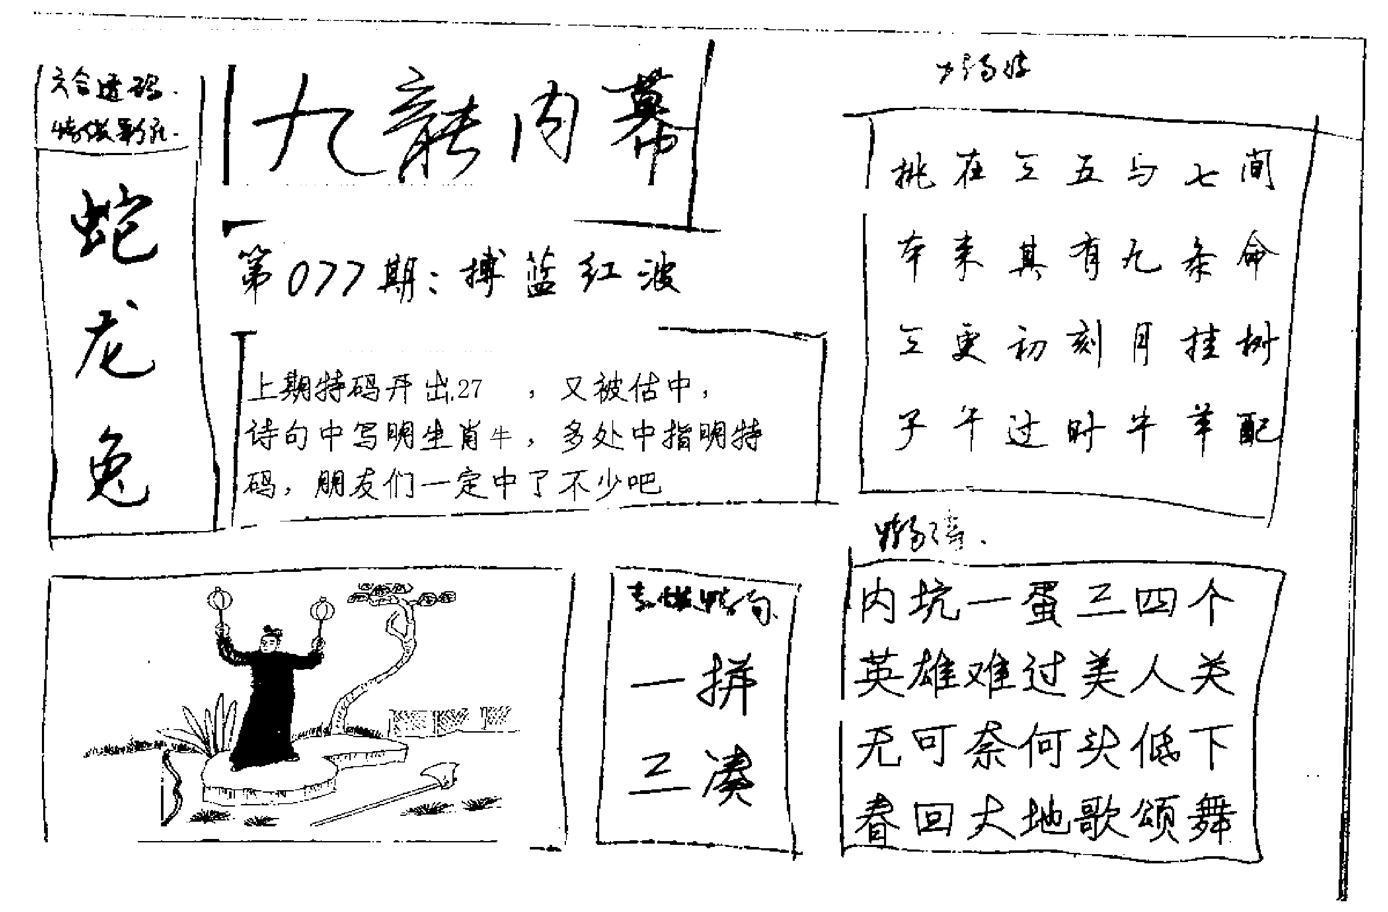 077期九龙内幕手写(黑白)